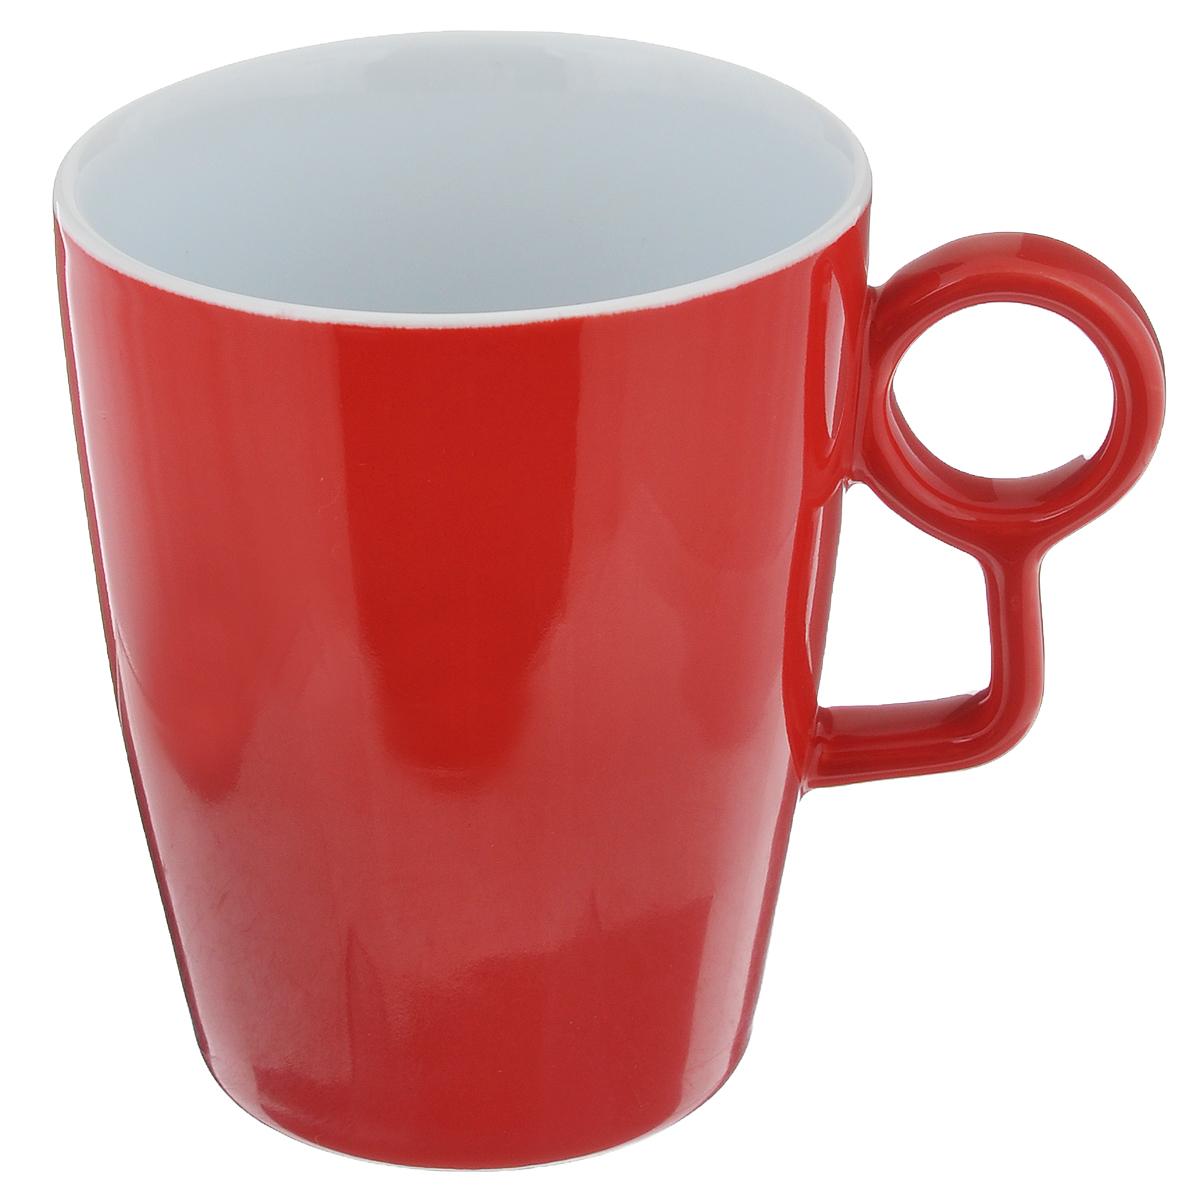 Кружка Sagaform Loop, цвет: красный, 250 мл5015981Кружка Sagaform Loop выполнена из высококачественной керамики. Изделие оснащено удобной ручкой. Кружка сочетает в себе оригинальный дизайн и функциональность. Благодаря такой кружке пить напитки будет еще вкуснее. Кружка Sagaform согреет вас долгими холодными вечерами. Можно использовать в посудомоечной машине. Объем: 250 мл. Диаметр (по верхнему краю): 8 см. Высота кружки: 10 см.